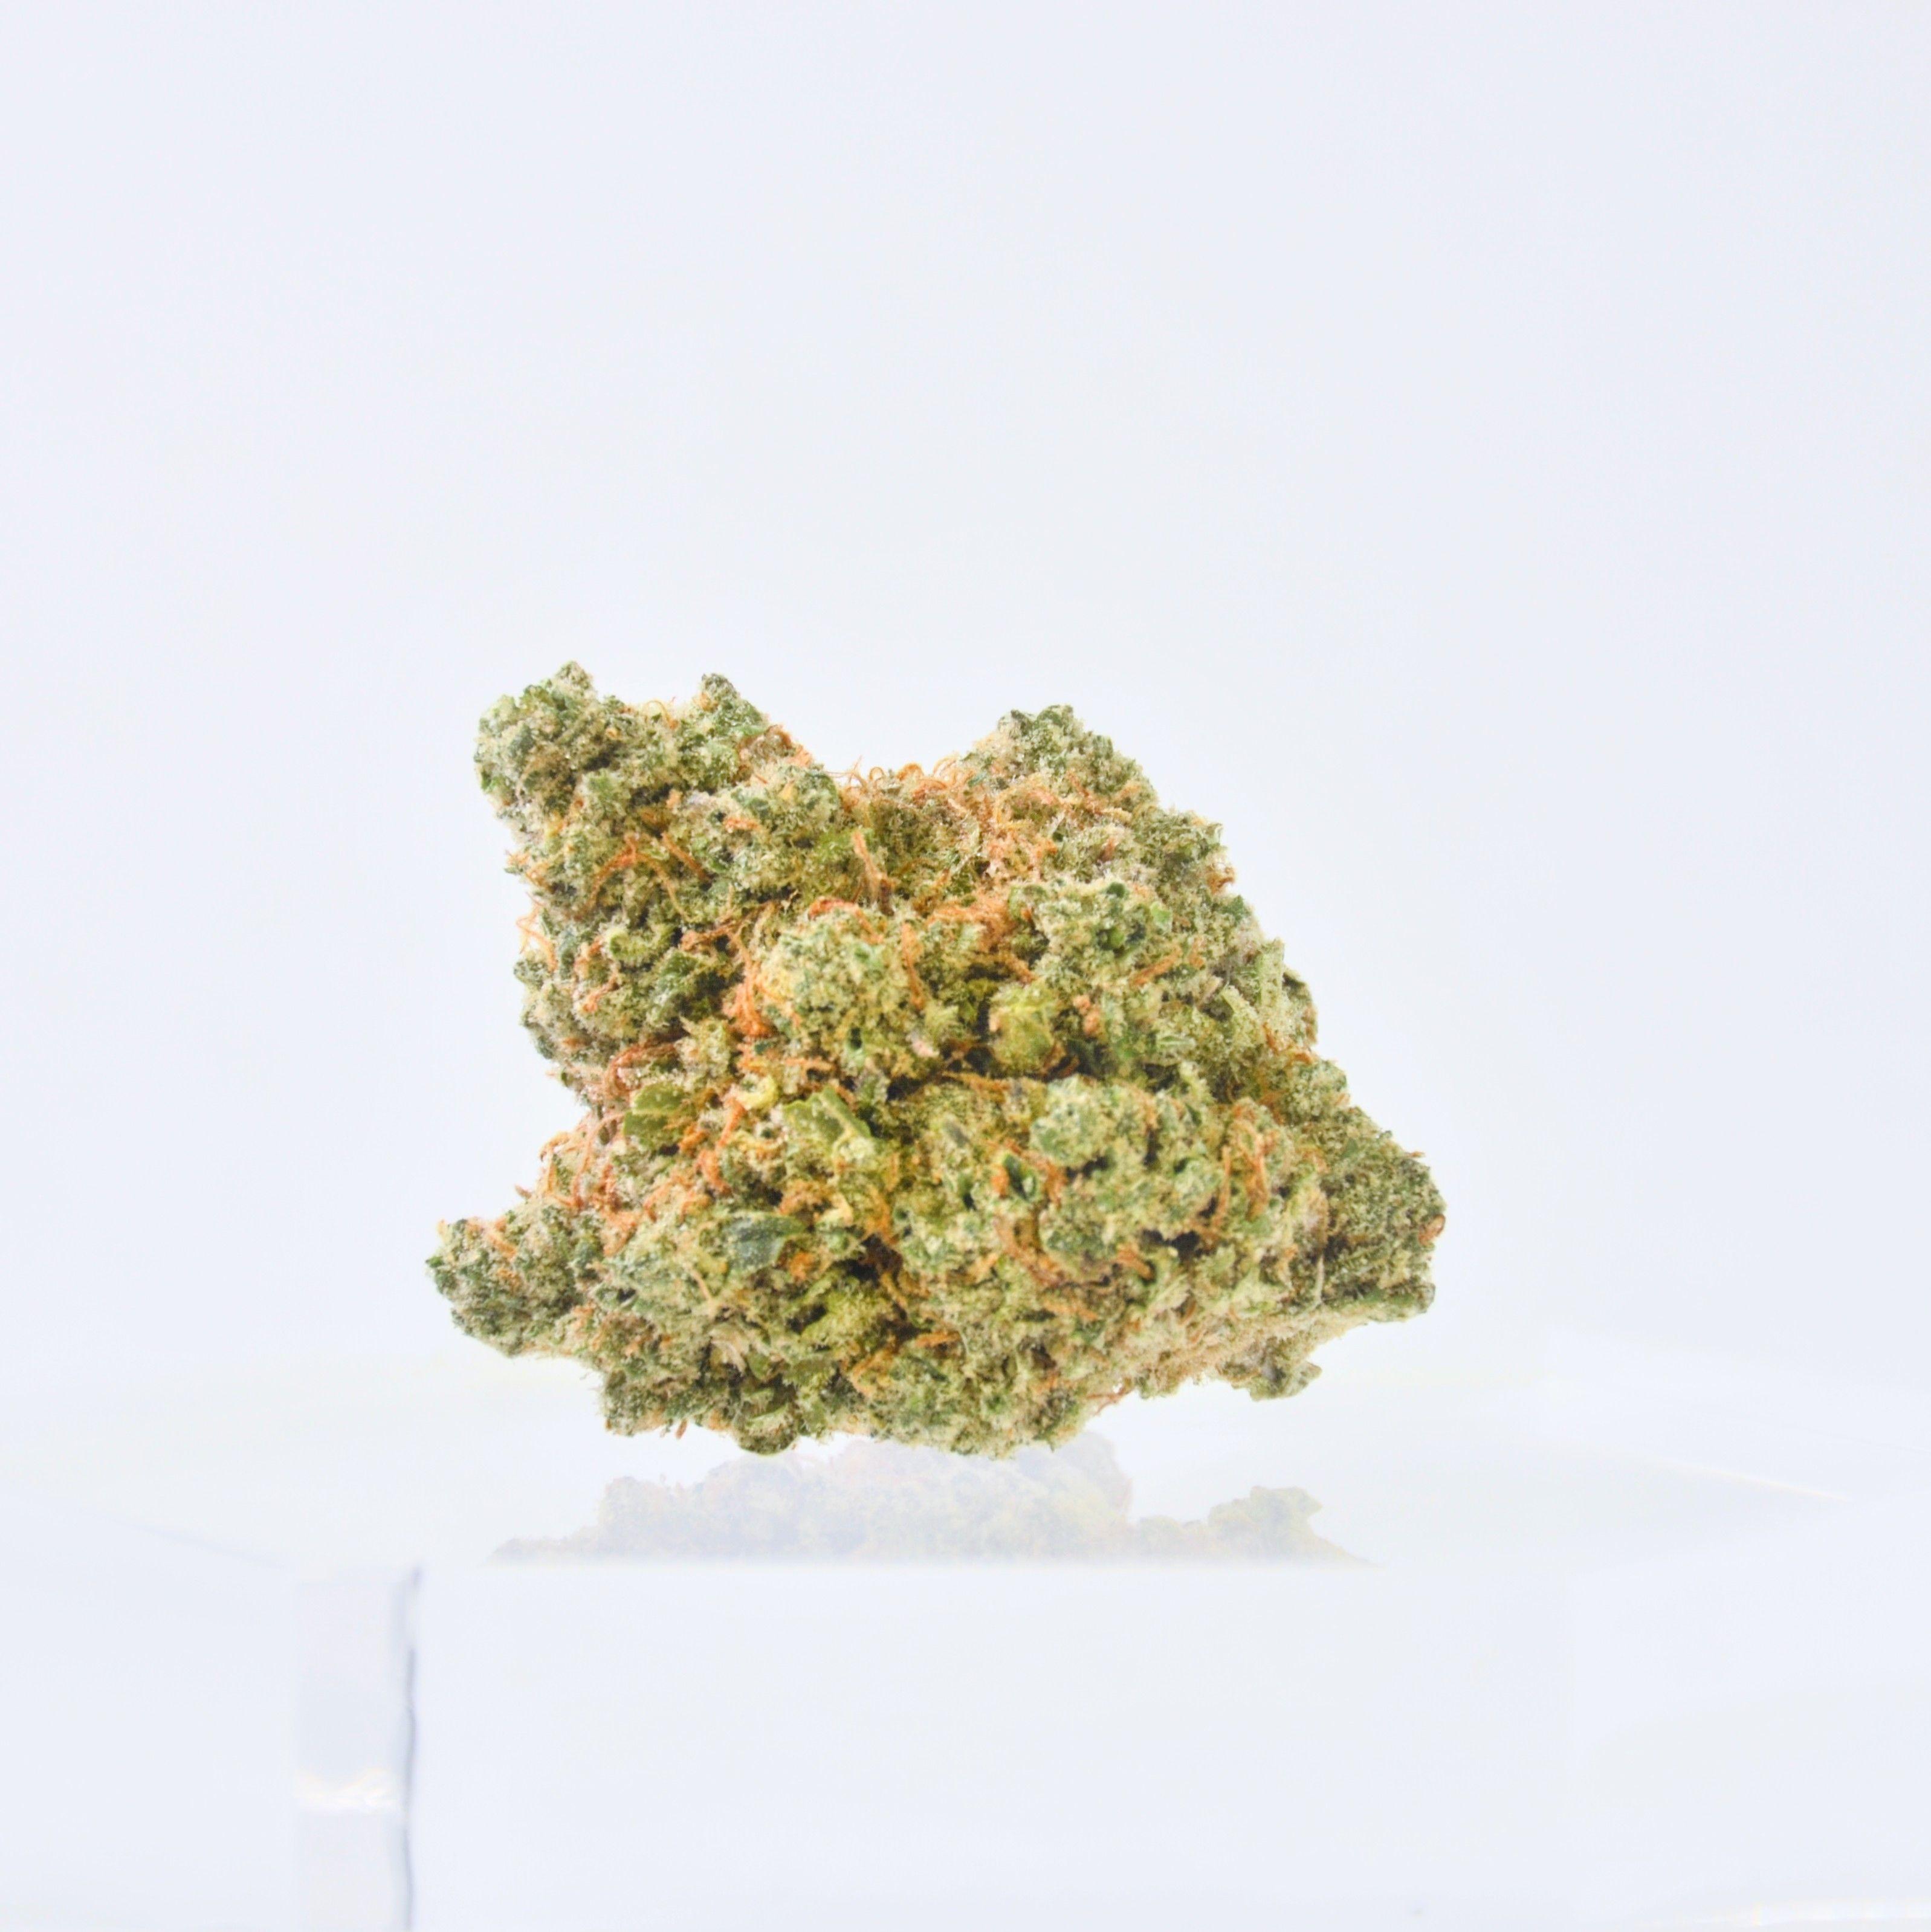 Avitas Oregon - Lemon Meringue, Sativa *Was $10/g*